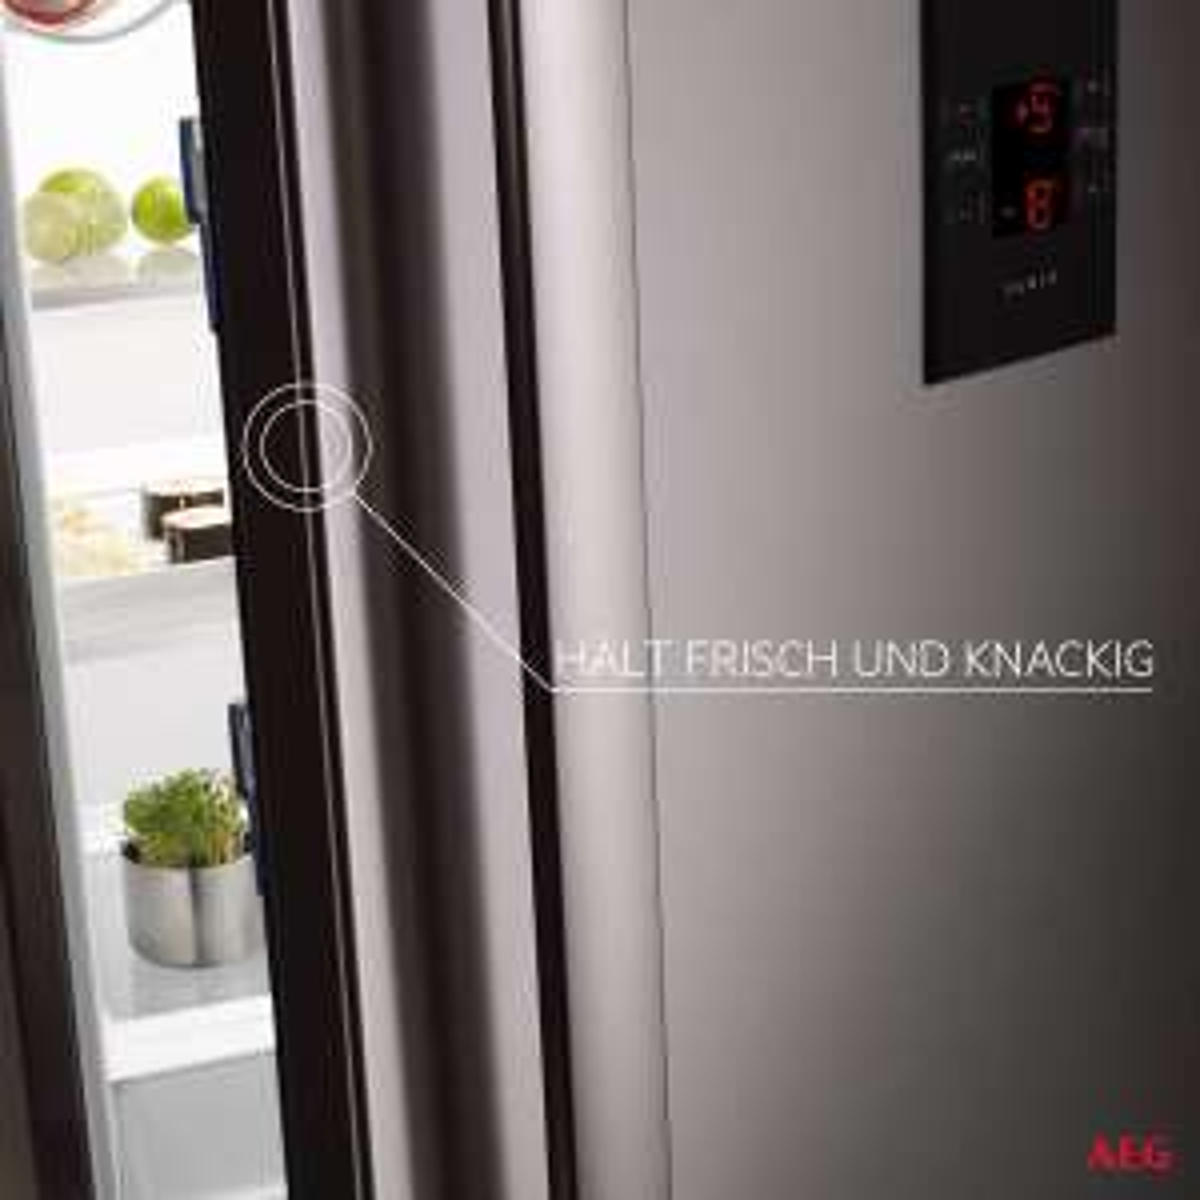 AEG Kühlschrank, Gefrierschrank oder Kühl-/Gefrierkombination sehr günstig bei AO